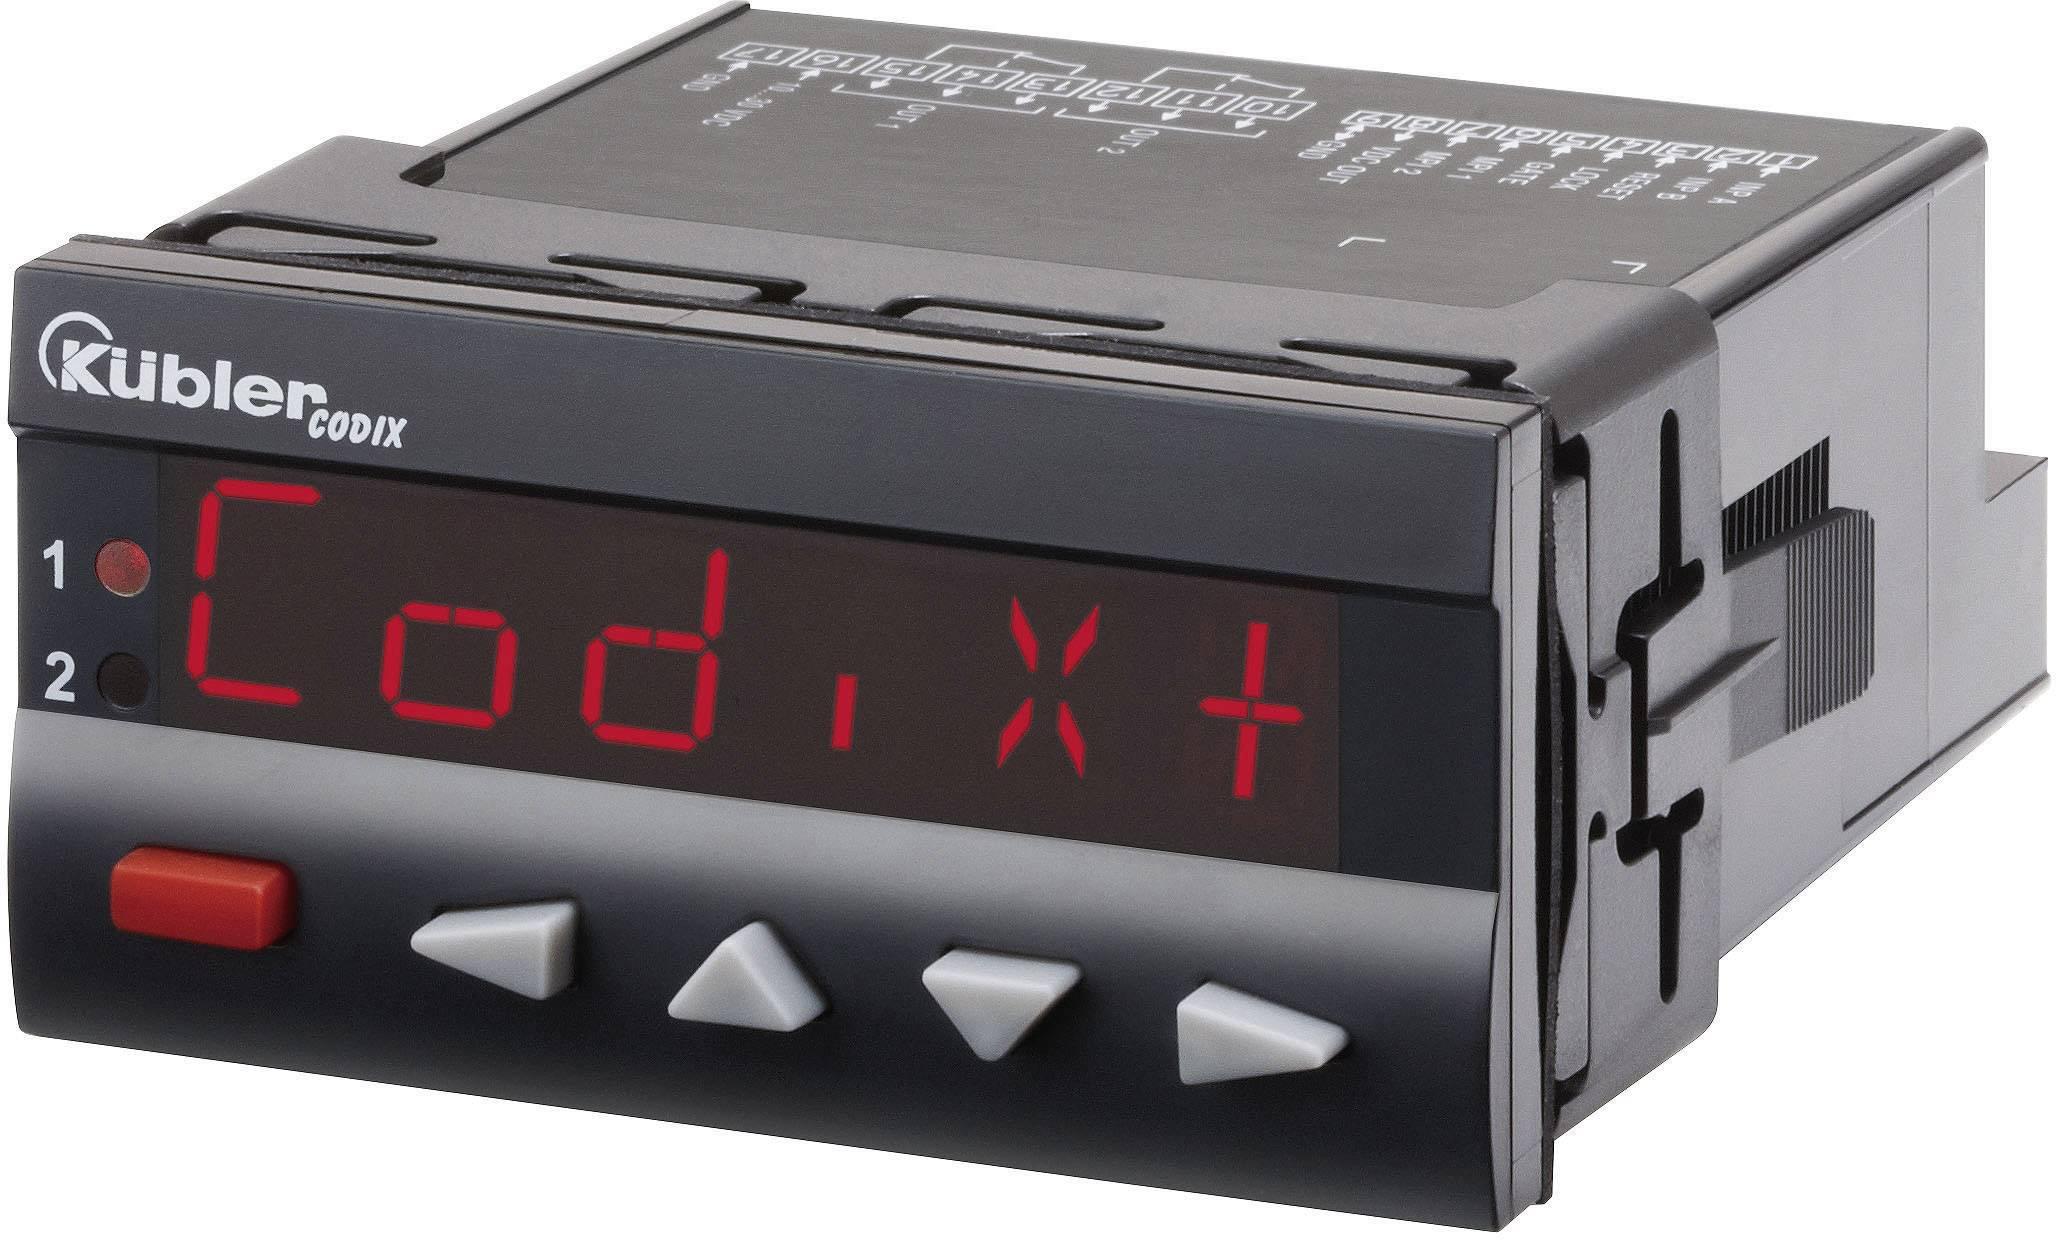 Čítač s predvoľbou Kübler Codix 560 AC, RS485, 90 - 260 V/AC